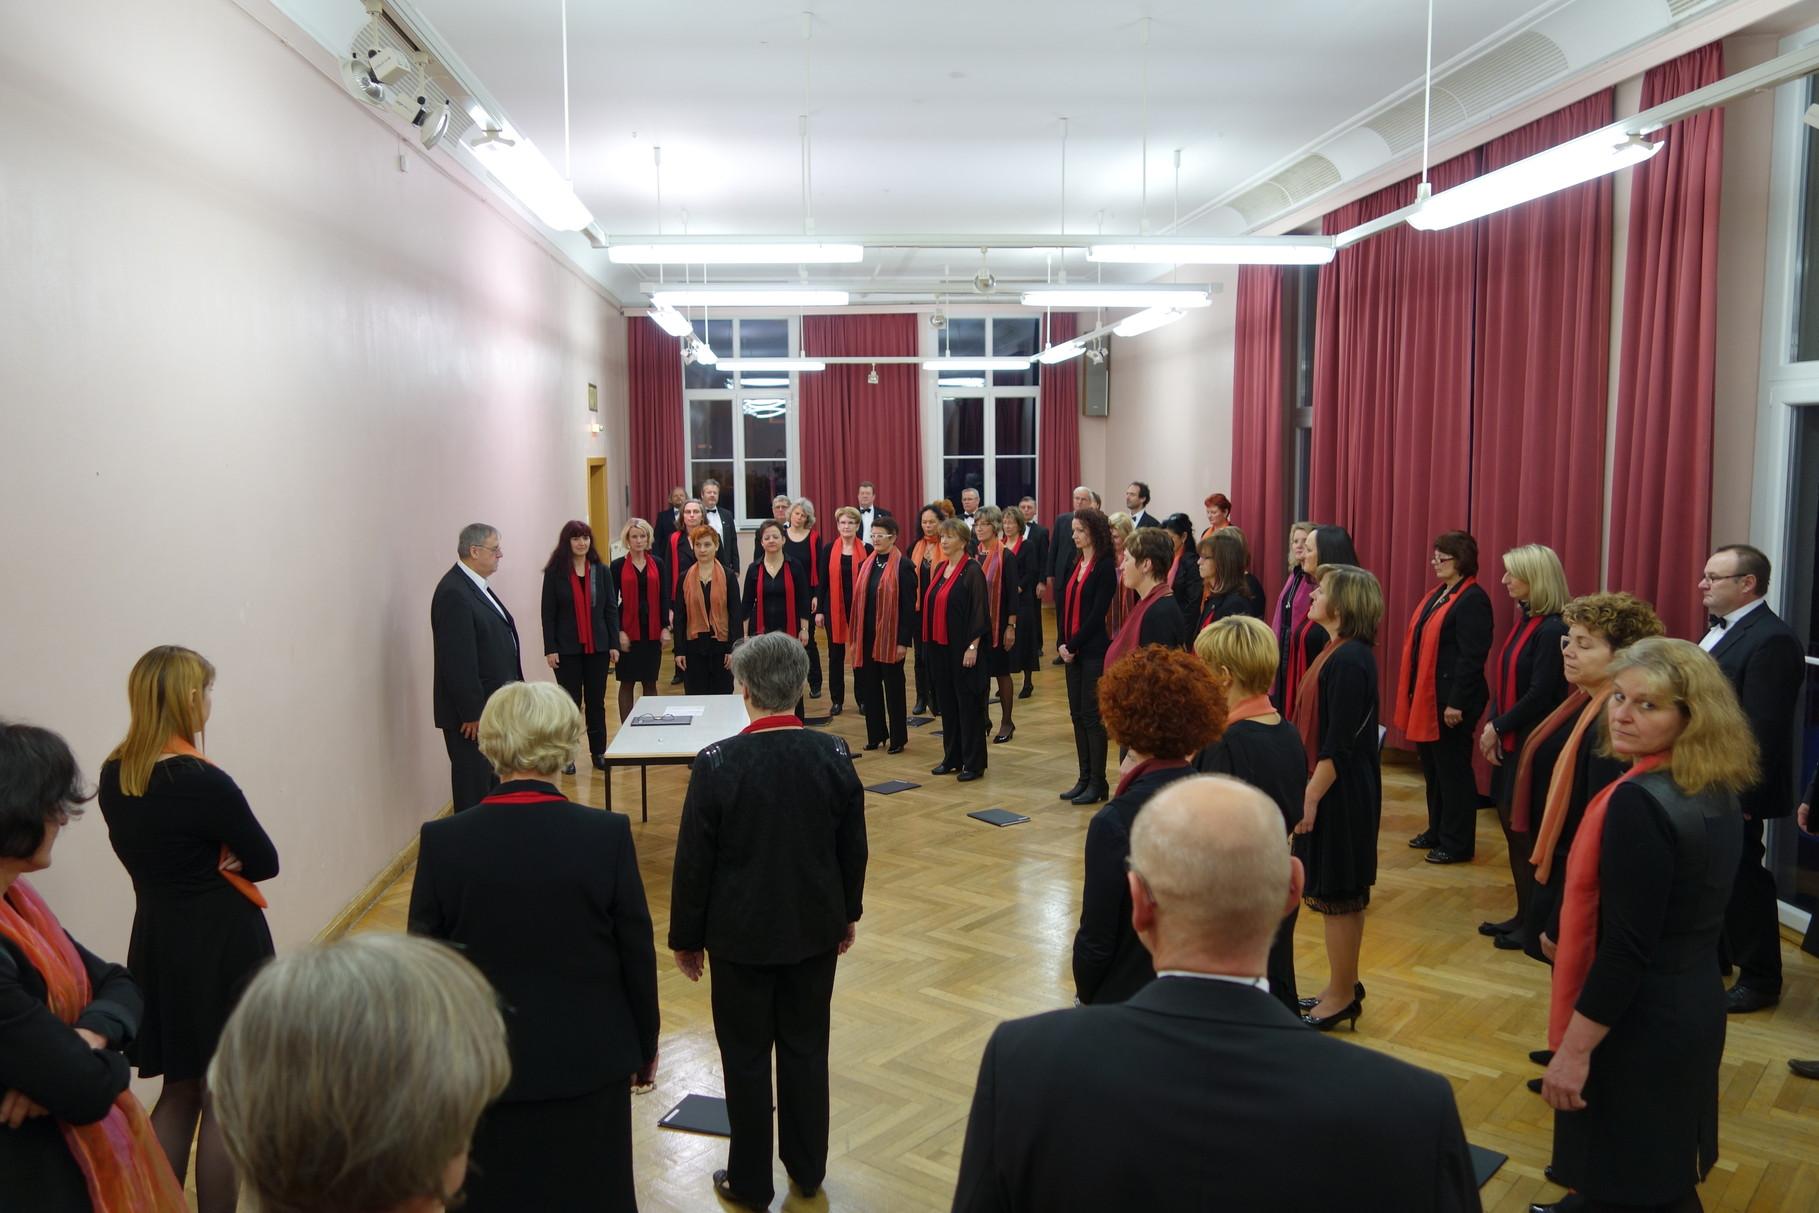 Choreinstudierung für das Neujahrskonzert: Edgar Wolf